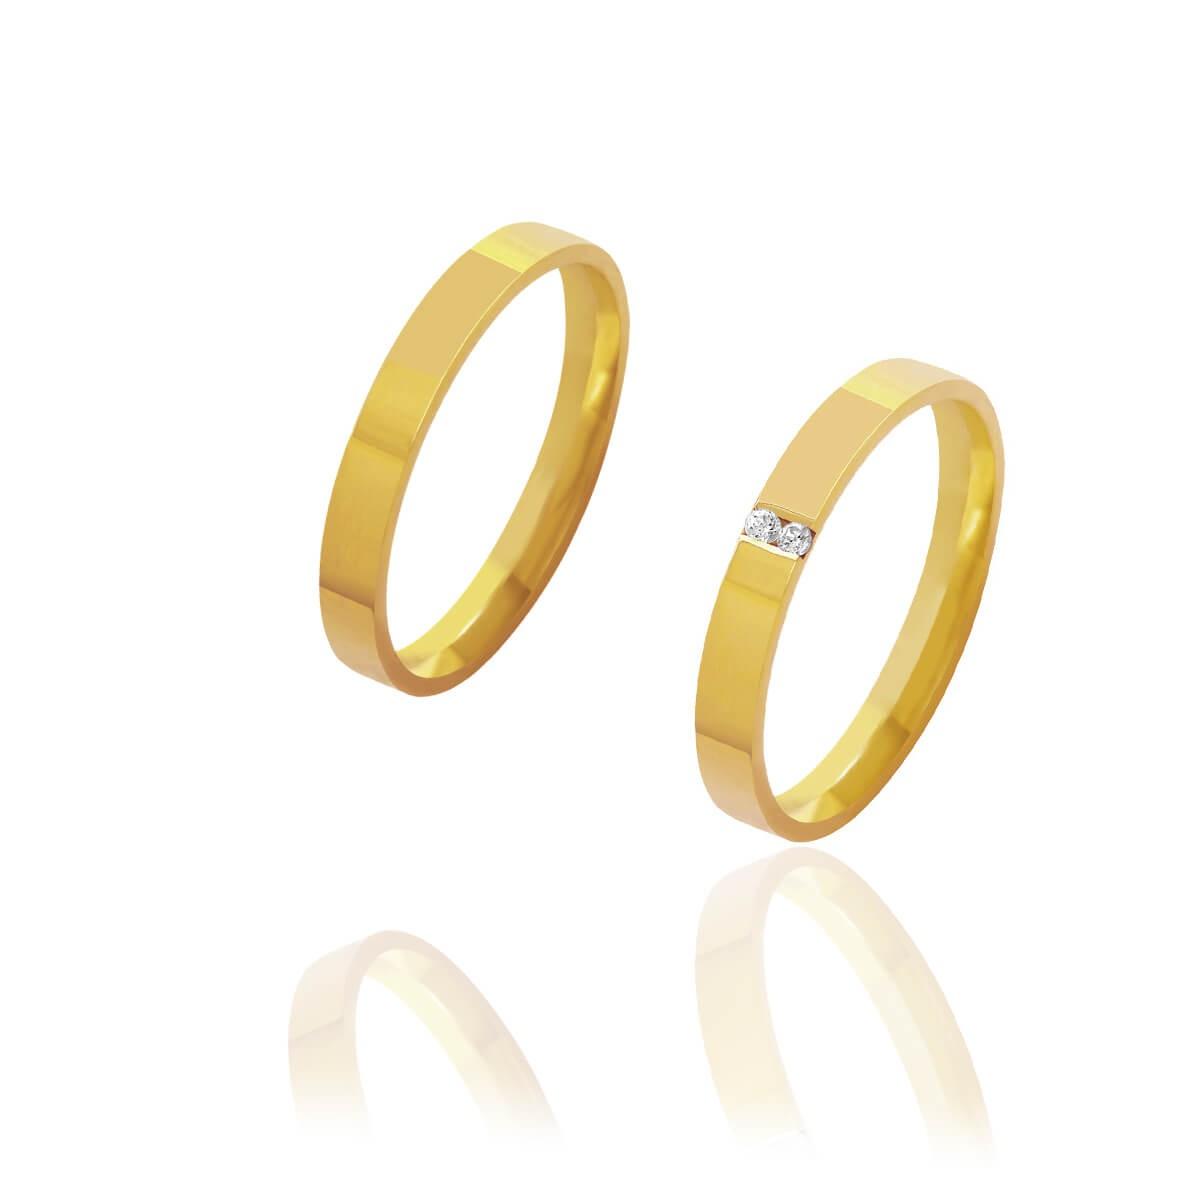 Par de Alianças de Casamento Afrodite Ouro 18k Reta Brilhantes Embutidos 3mm 4.5g